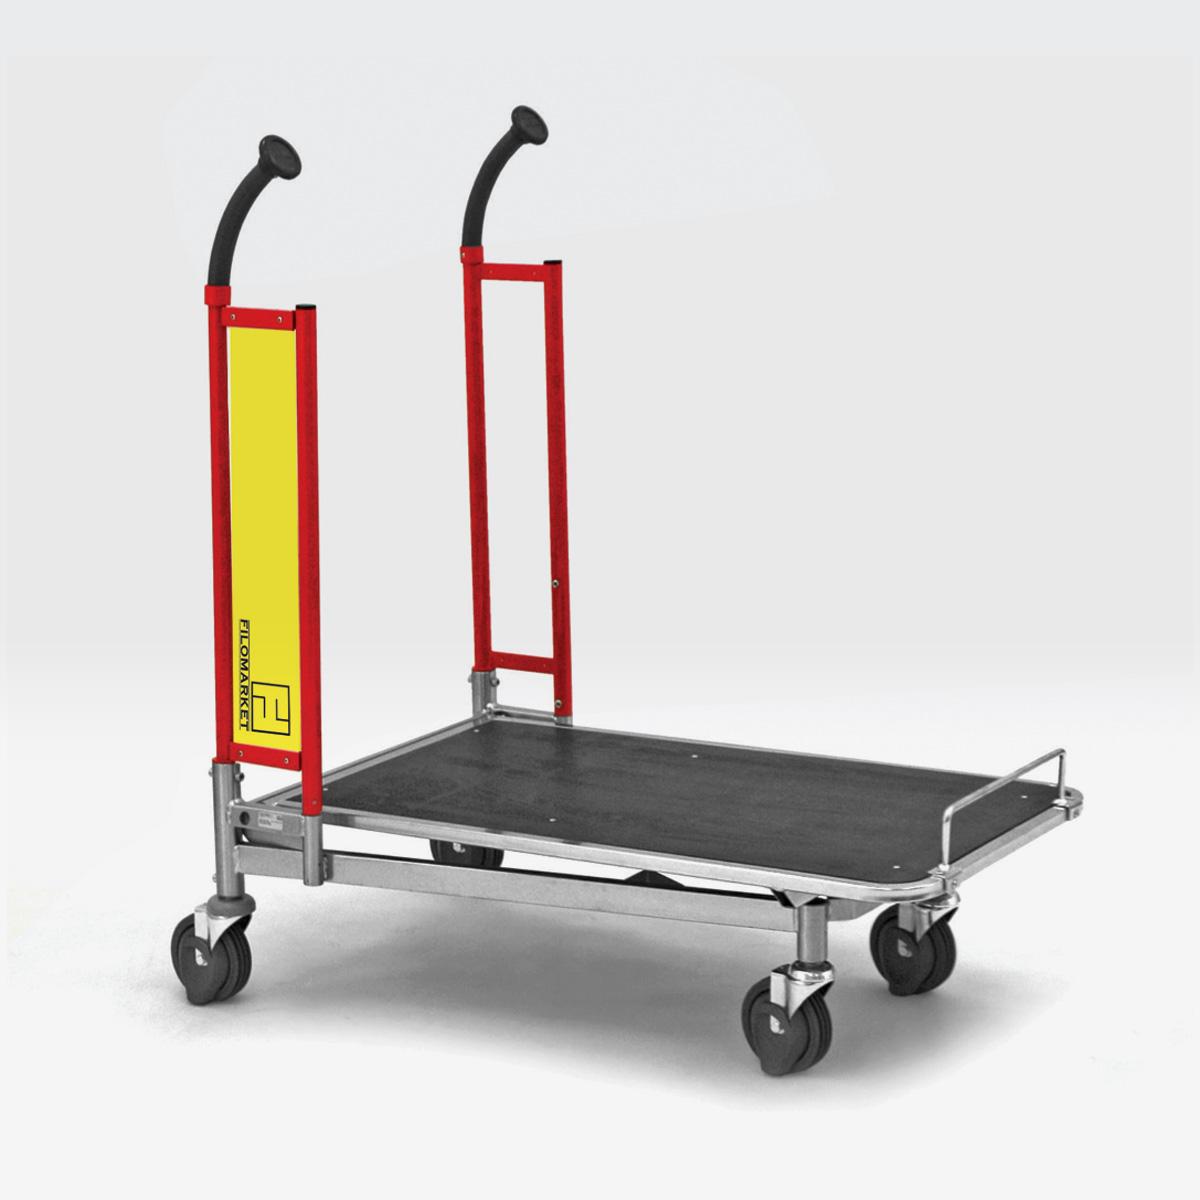 Carrello per magazzino con ruote CARRY 100 per tappeto mobile